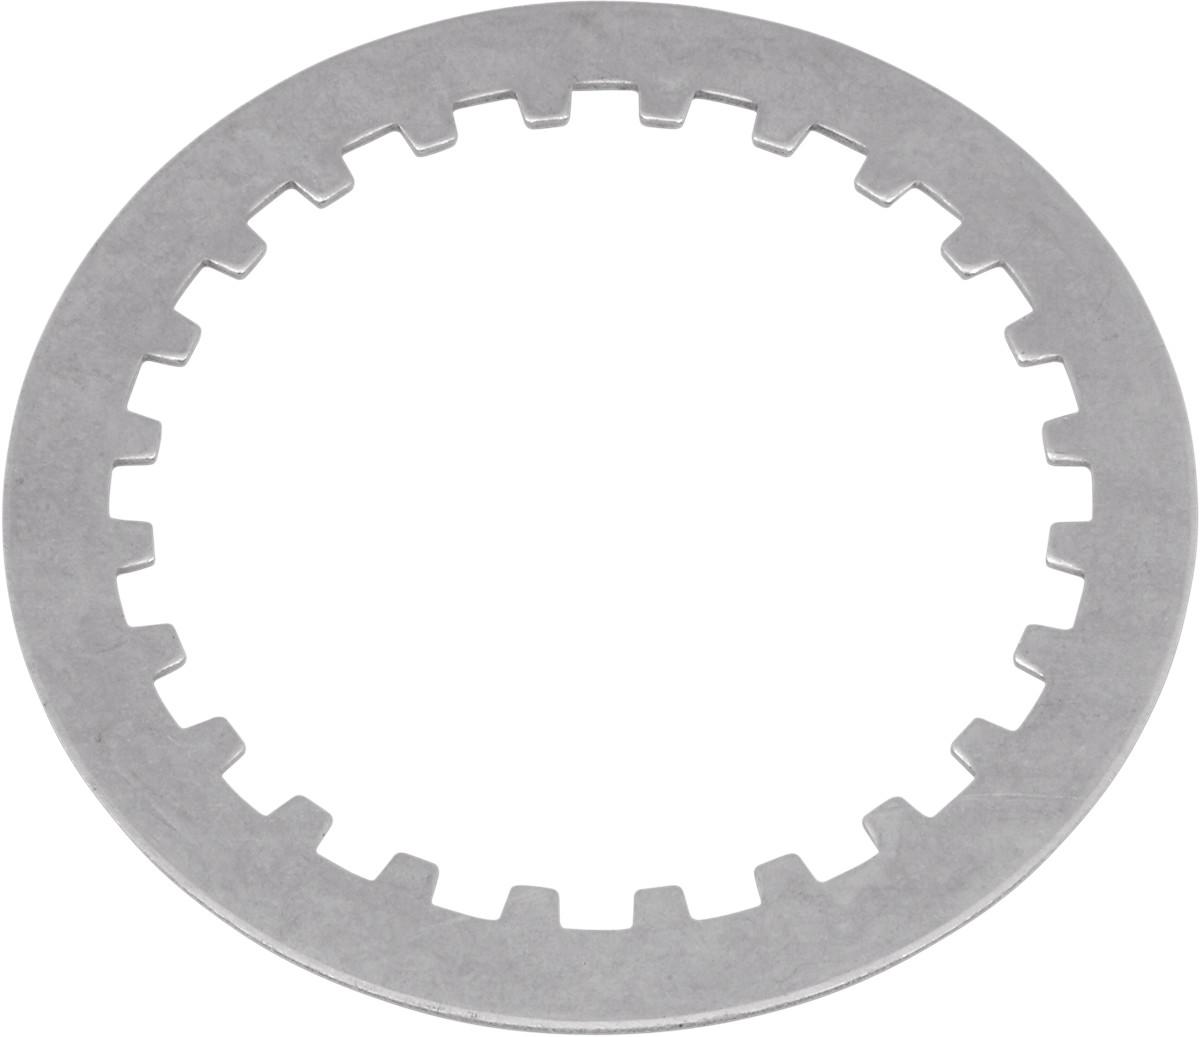 Leak Proof Seals 42540 Pro-Moly Fork Seals//Wiper Seals 53mm 41mm 0407-0122 42540